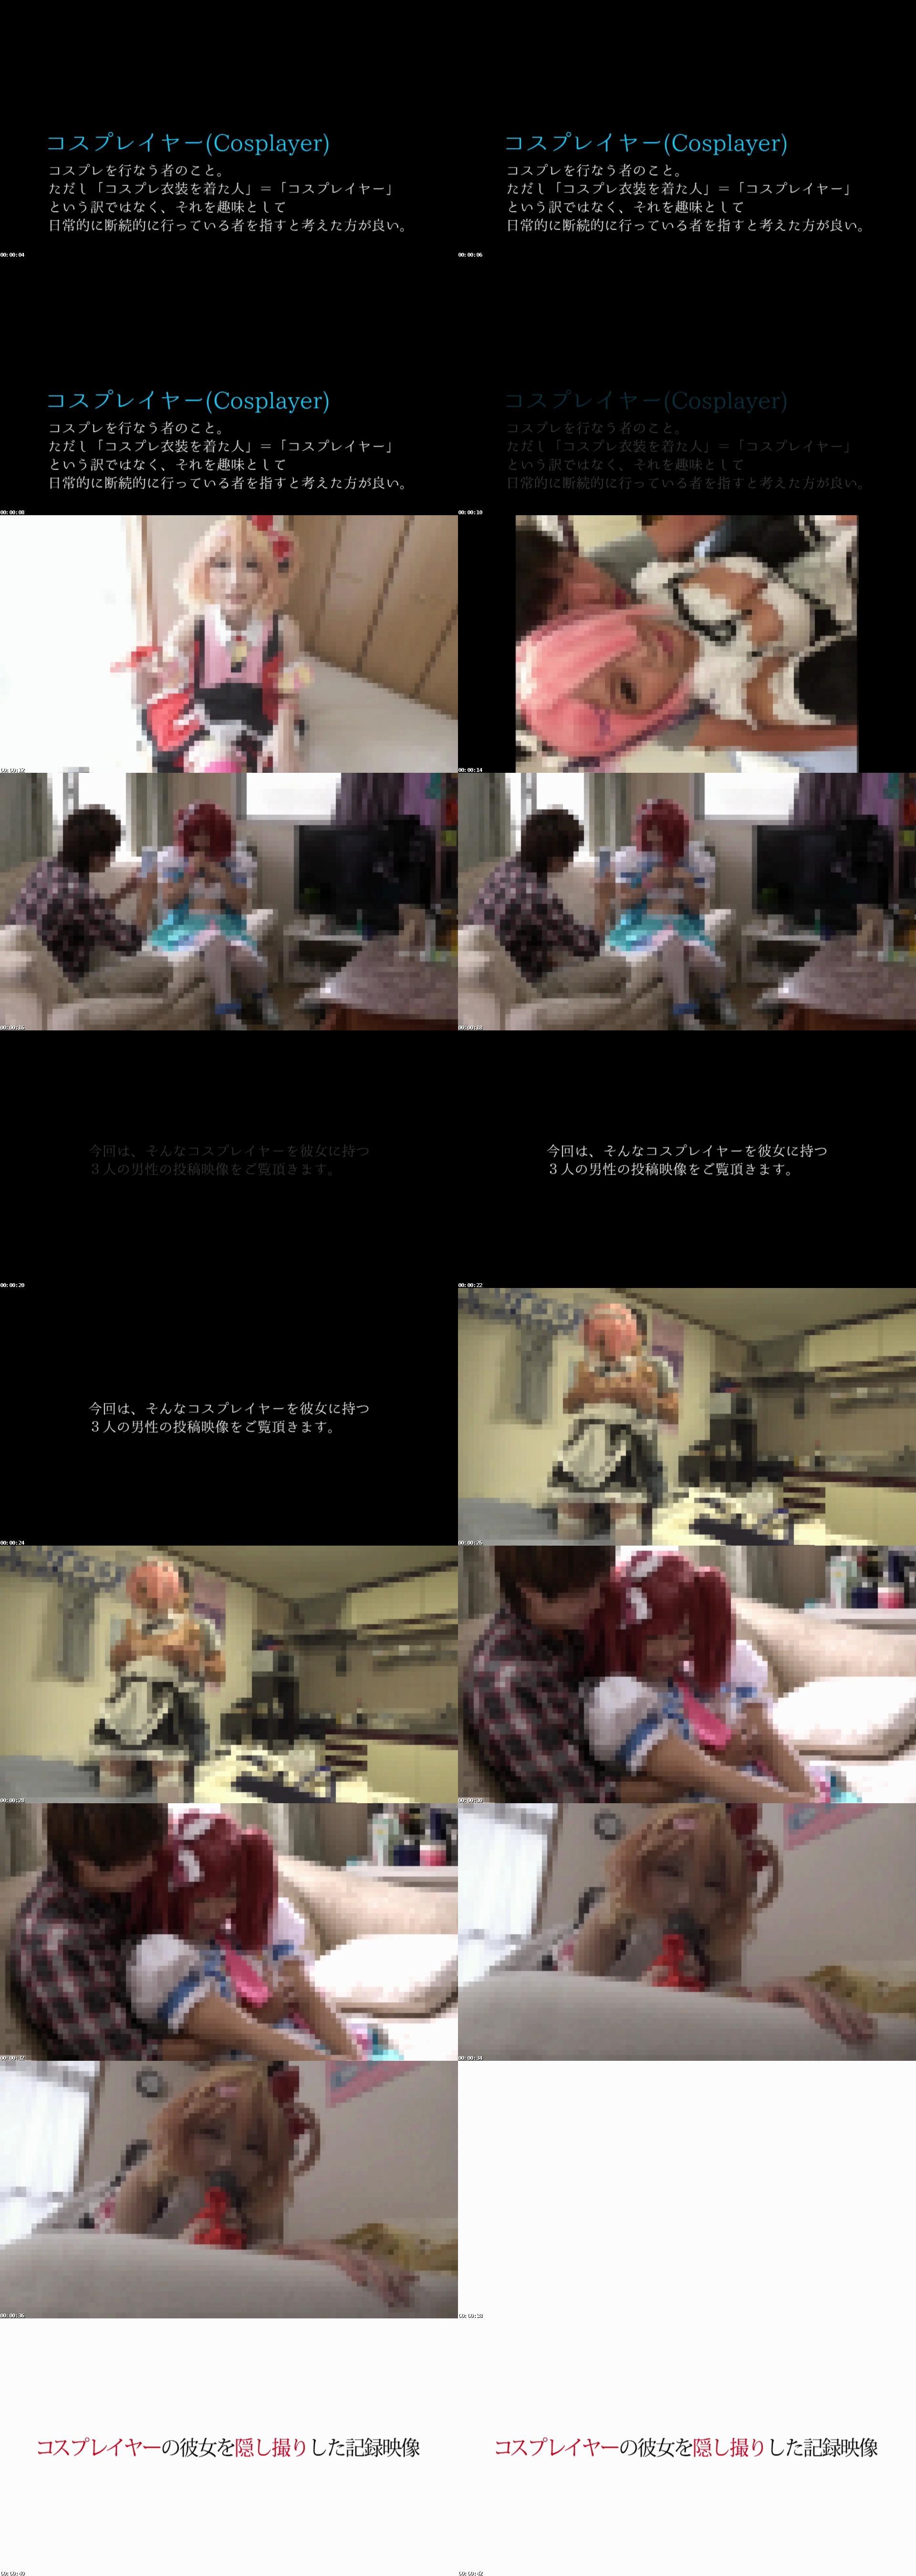 [T28-483] コスプレイヤーの彼女を隠し撮りした記録映像